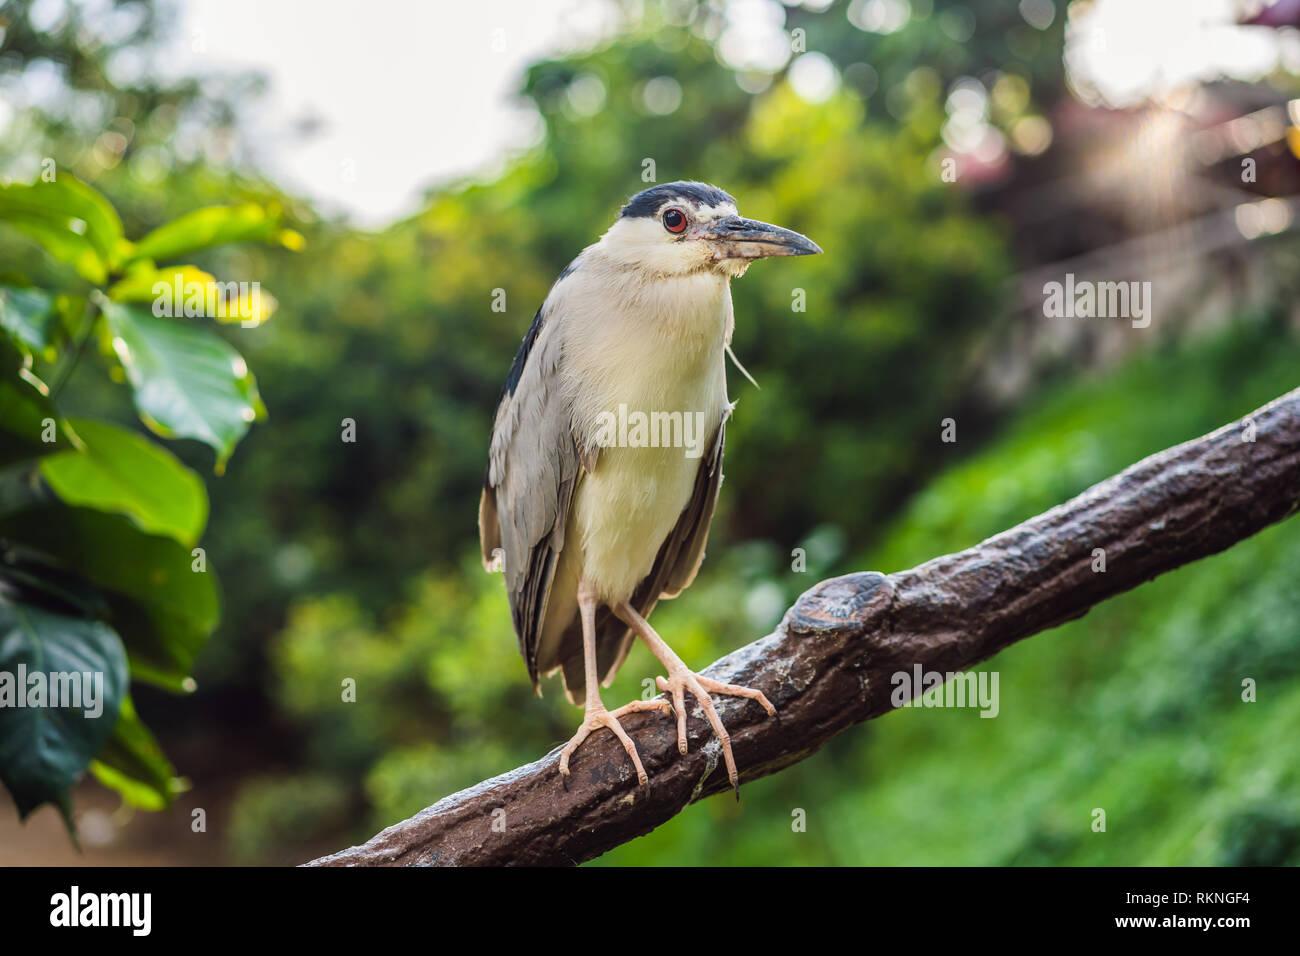 Black crowned night heron croak Malaysia, Kuala Lumpur - Stock Image